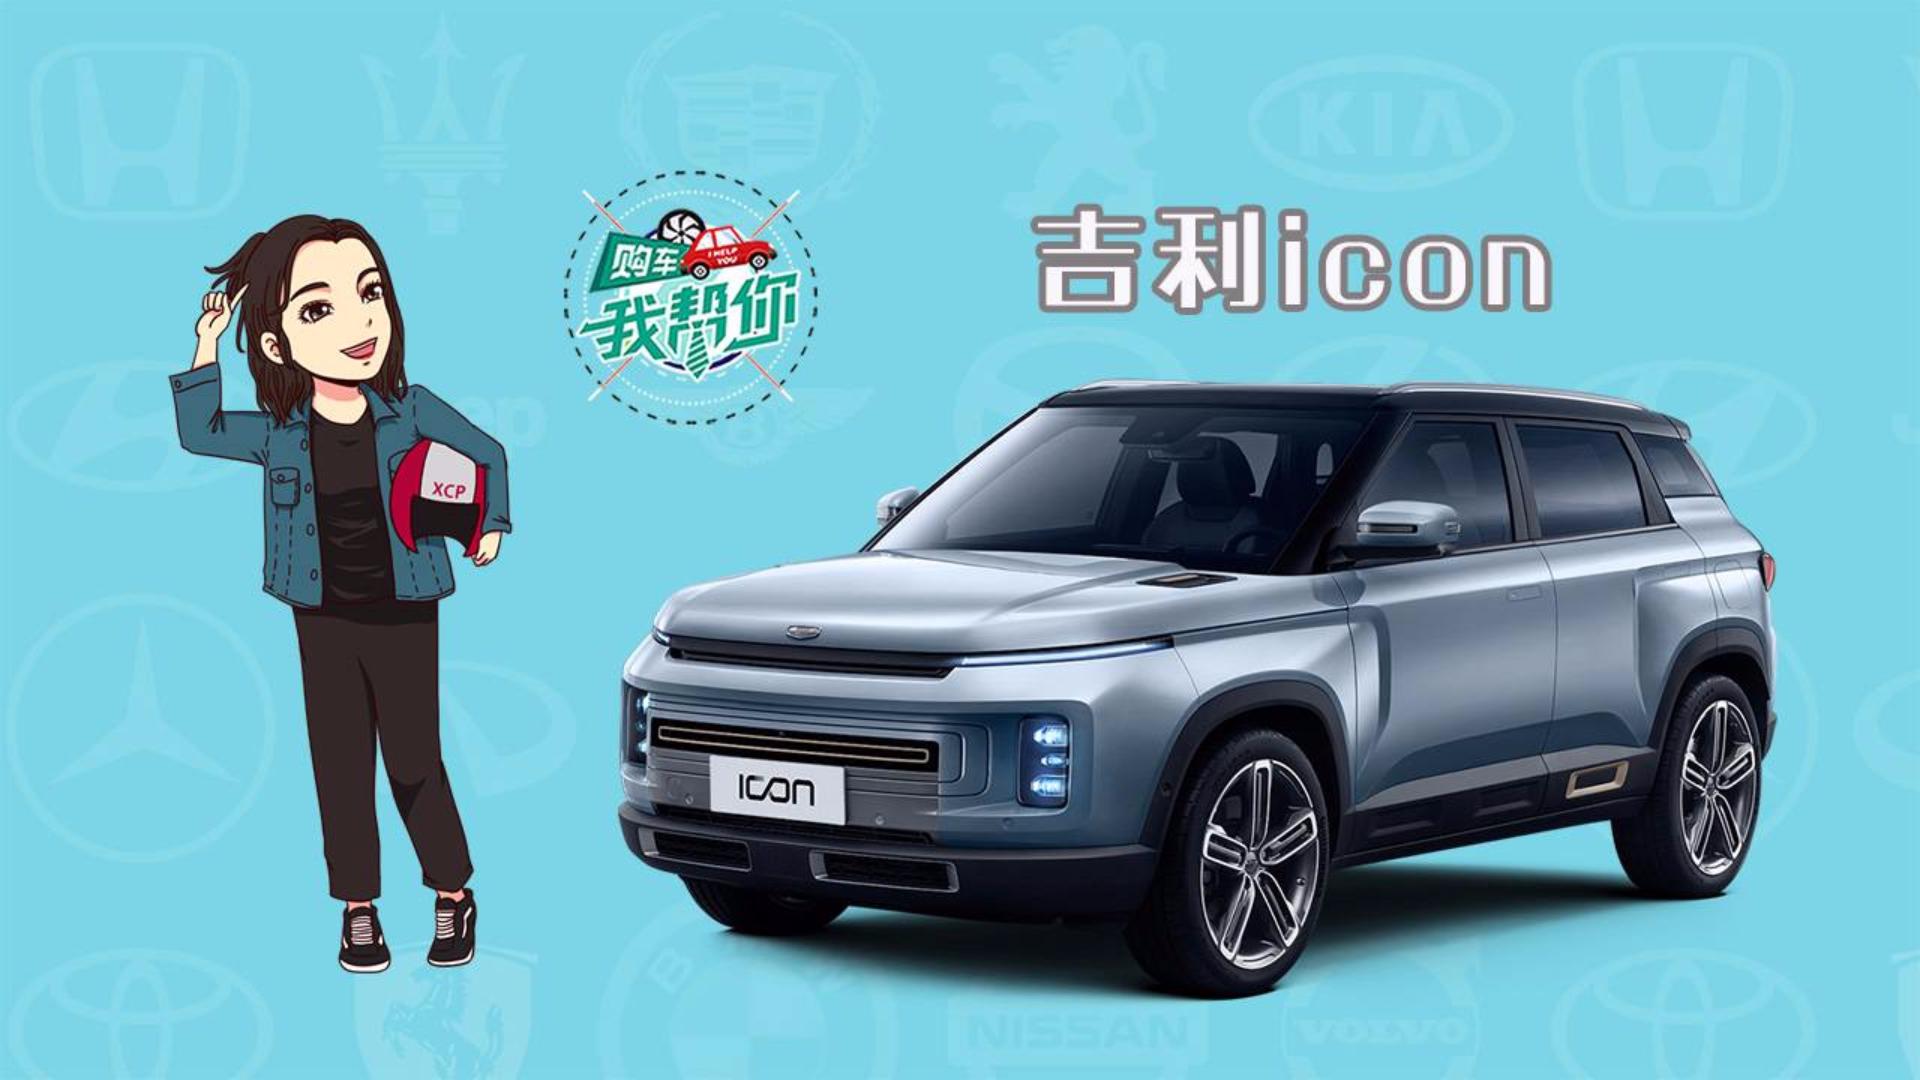 购车我帮你:吉利ICON,平民化的科幻SUV